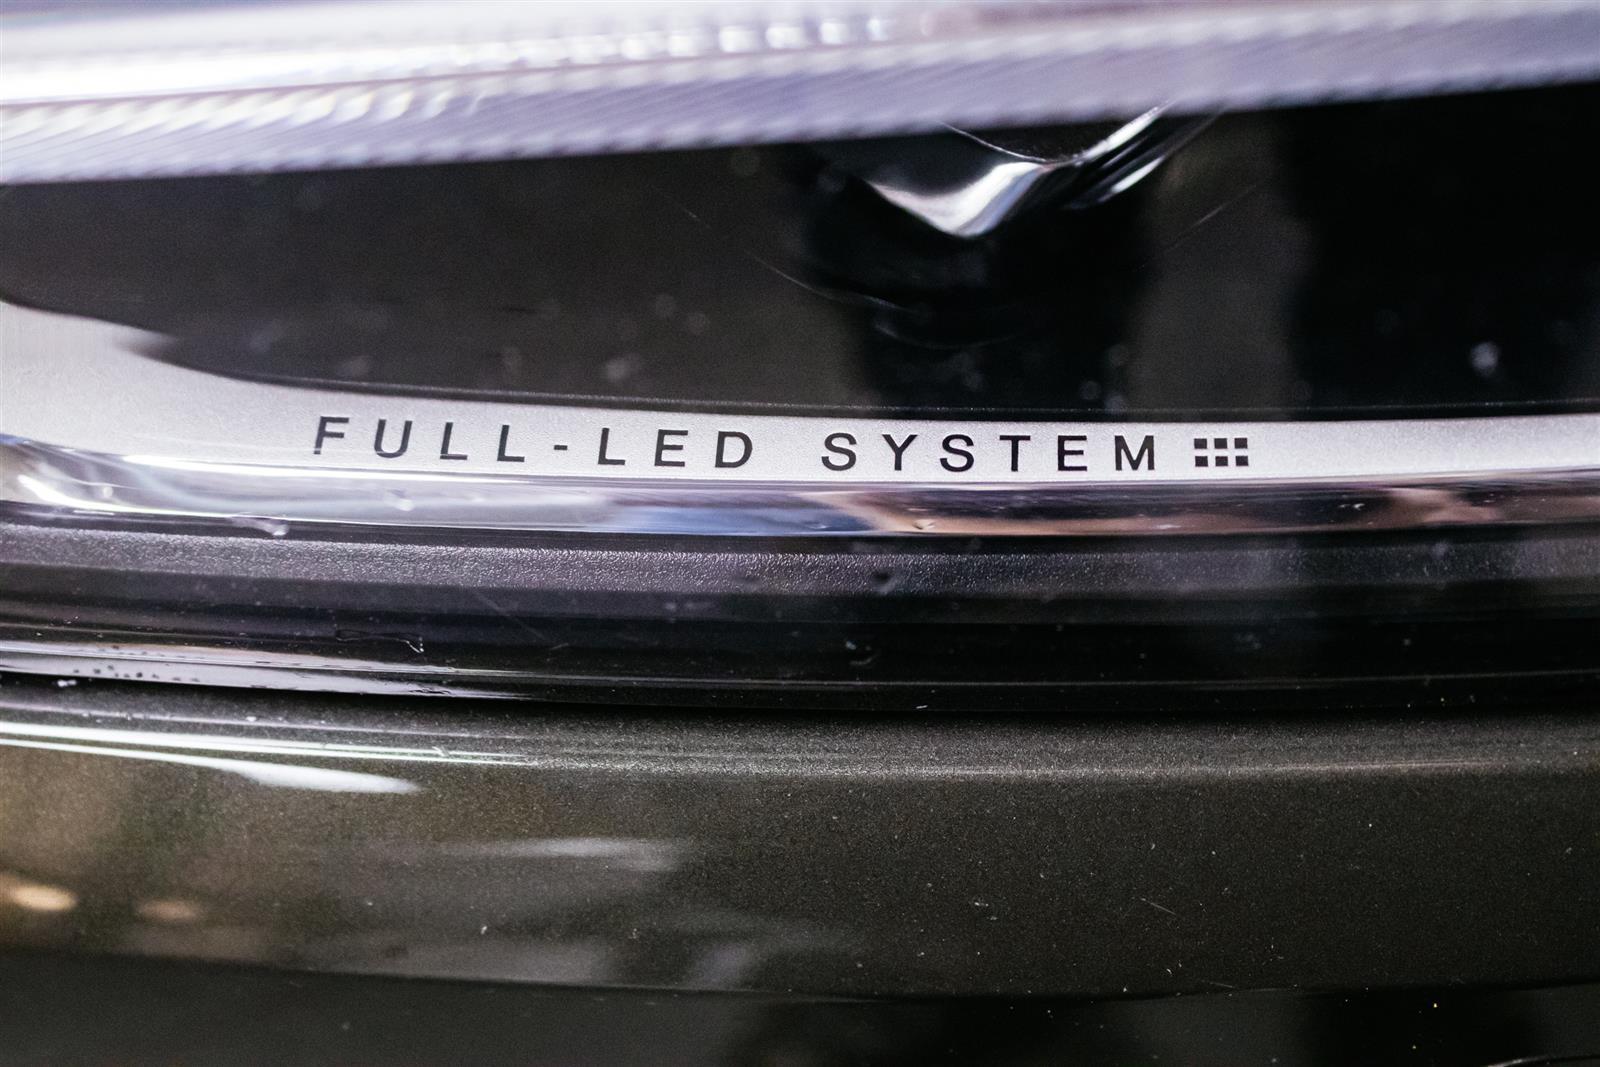 Volvo XC60 T8 AWD Inscription Suomi-Auto & Tehdastakuu / Varusteilla / Intellisafe Surround / Kamera / KEYLESS